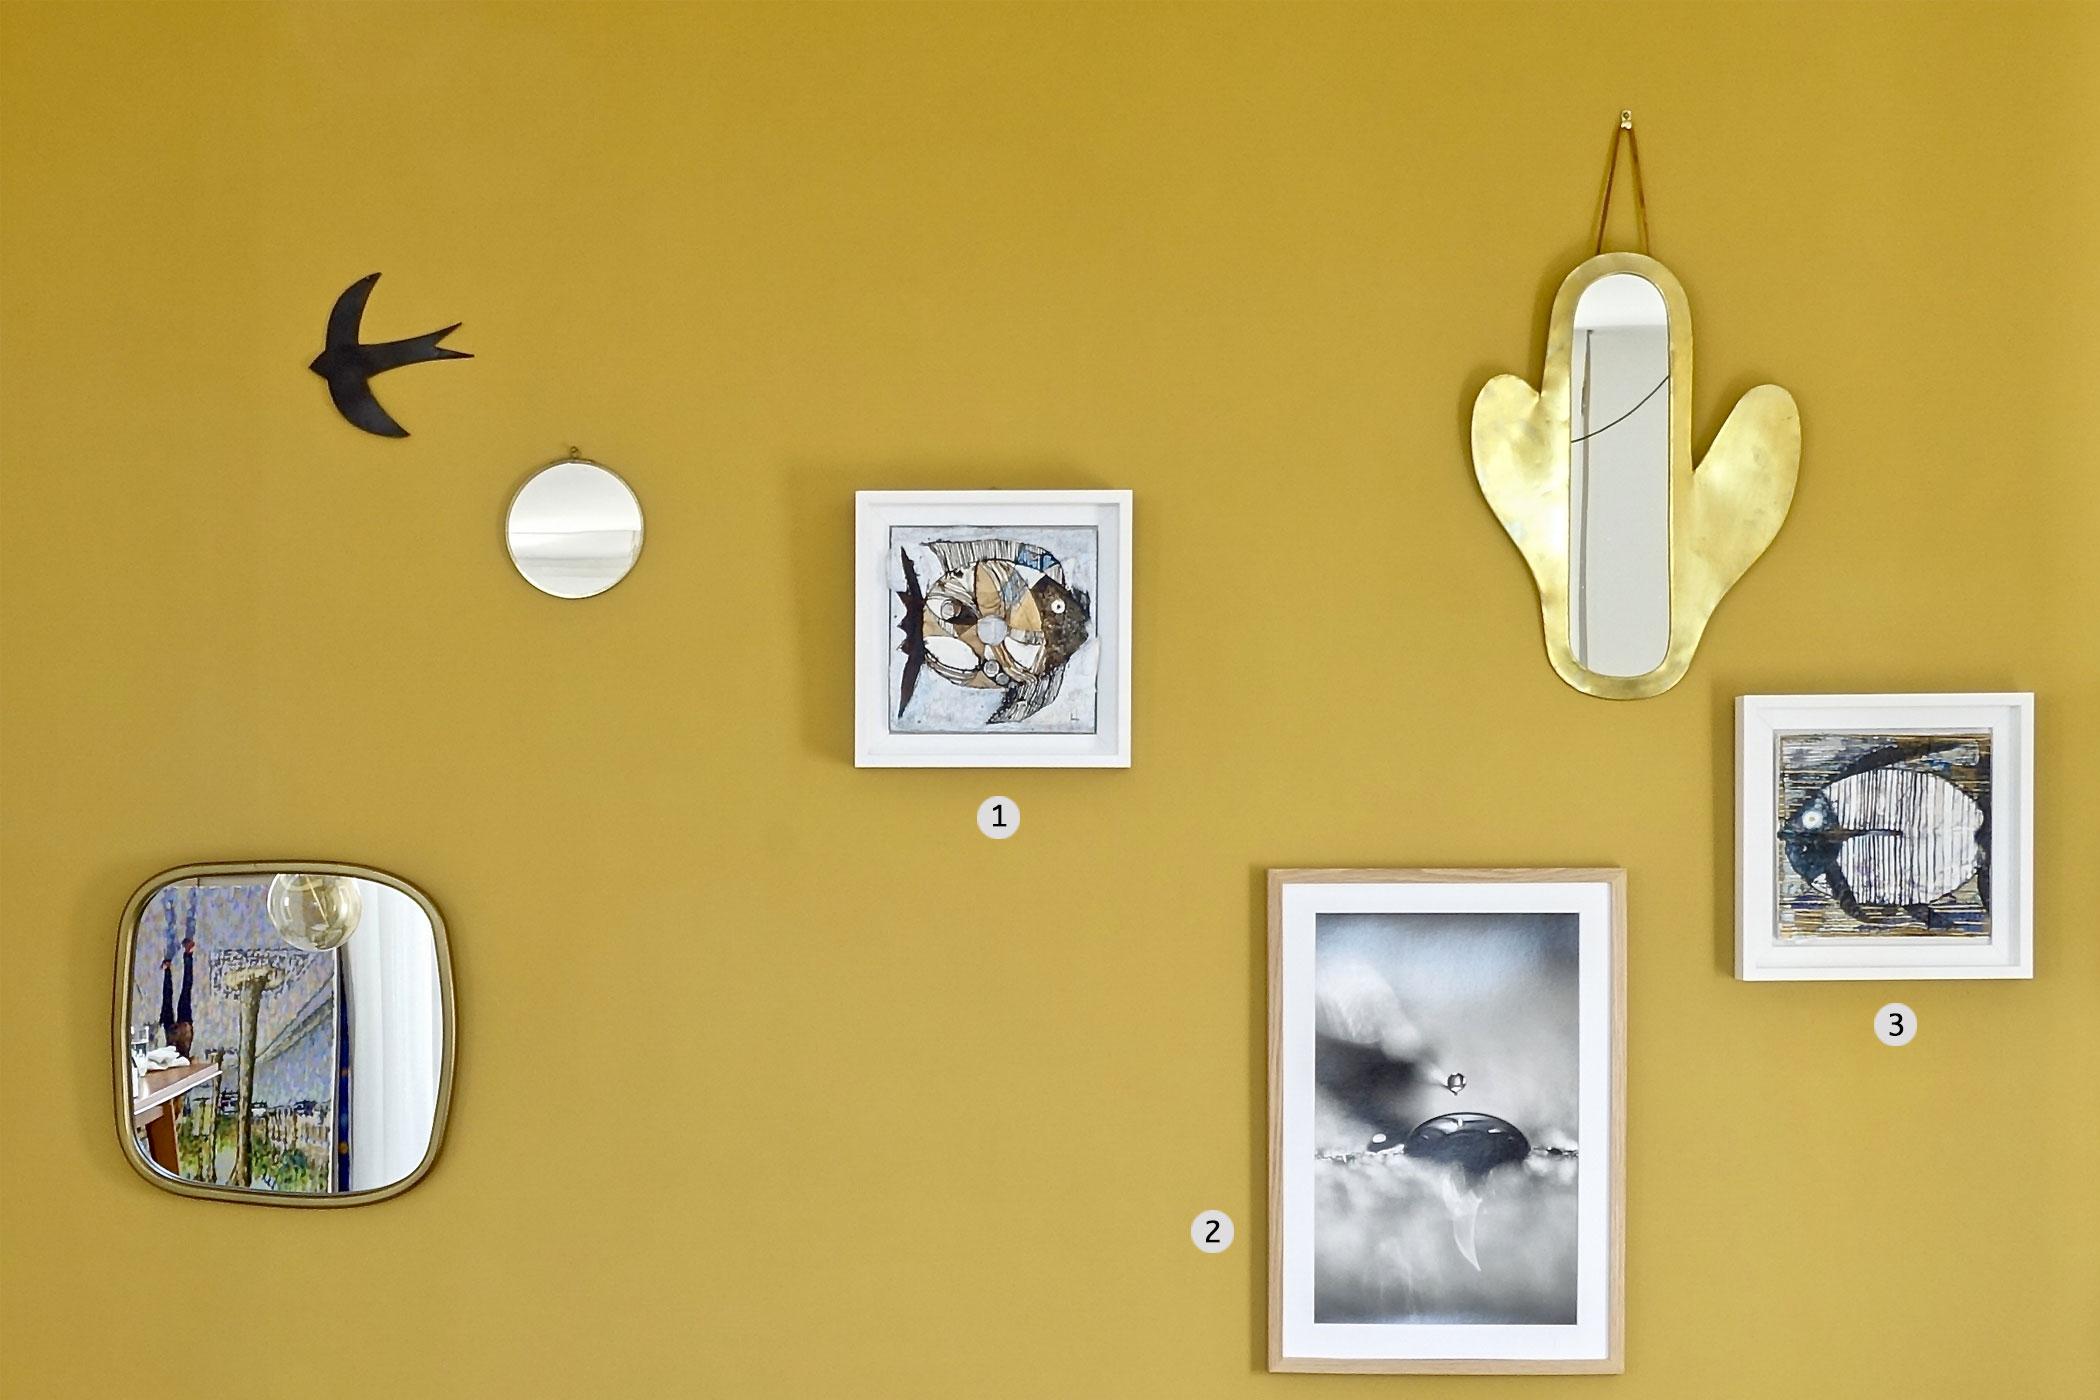 peintures et photographies contemporaines - mur couleur ocre